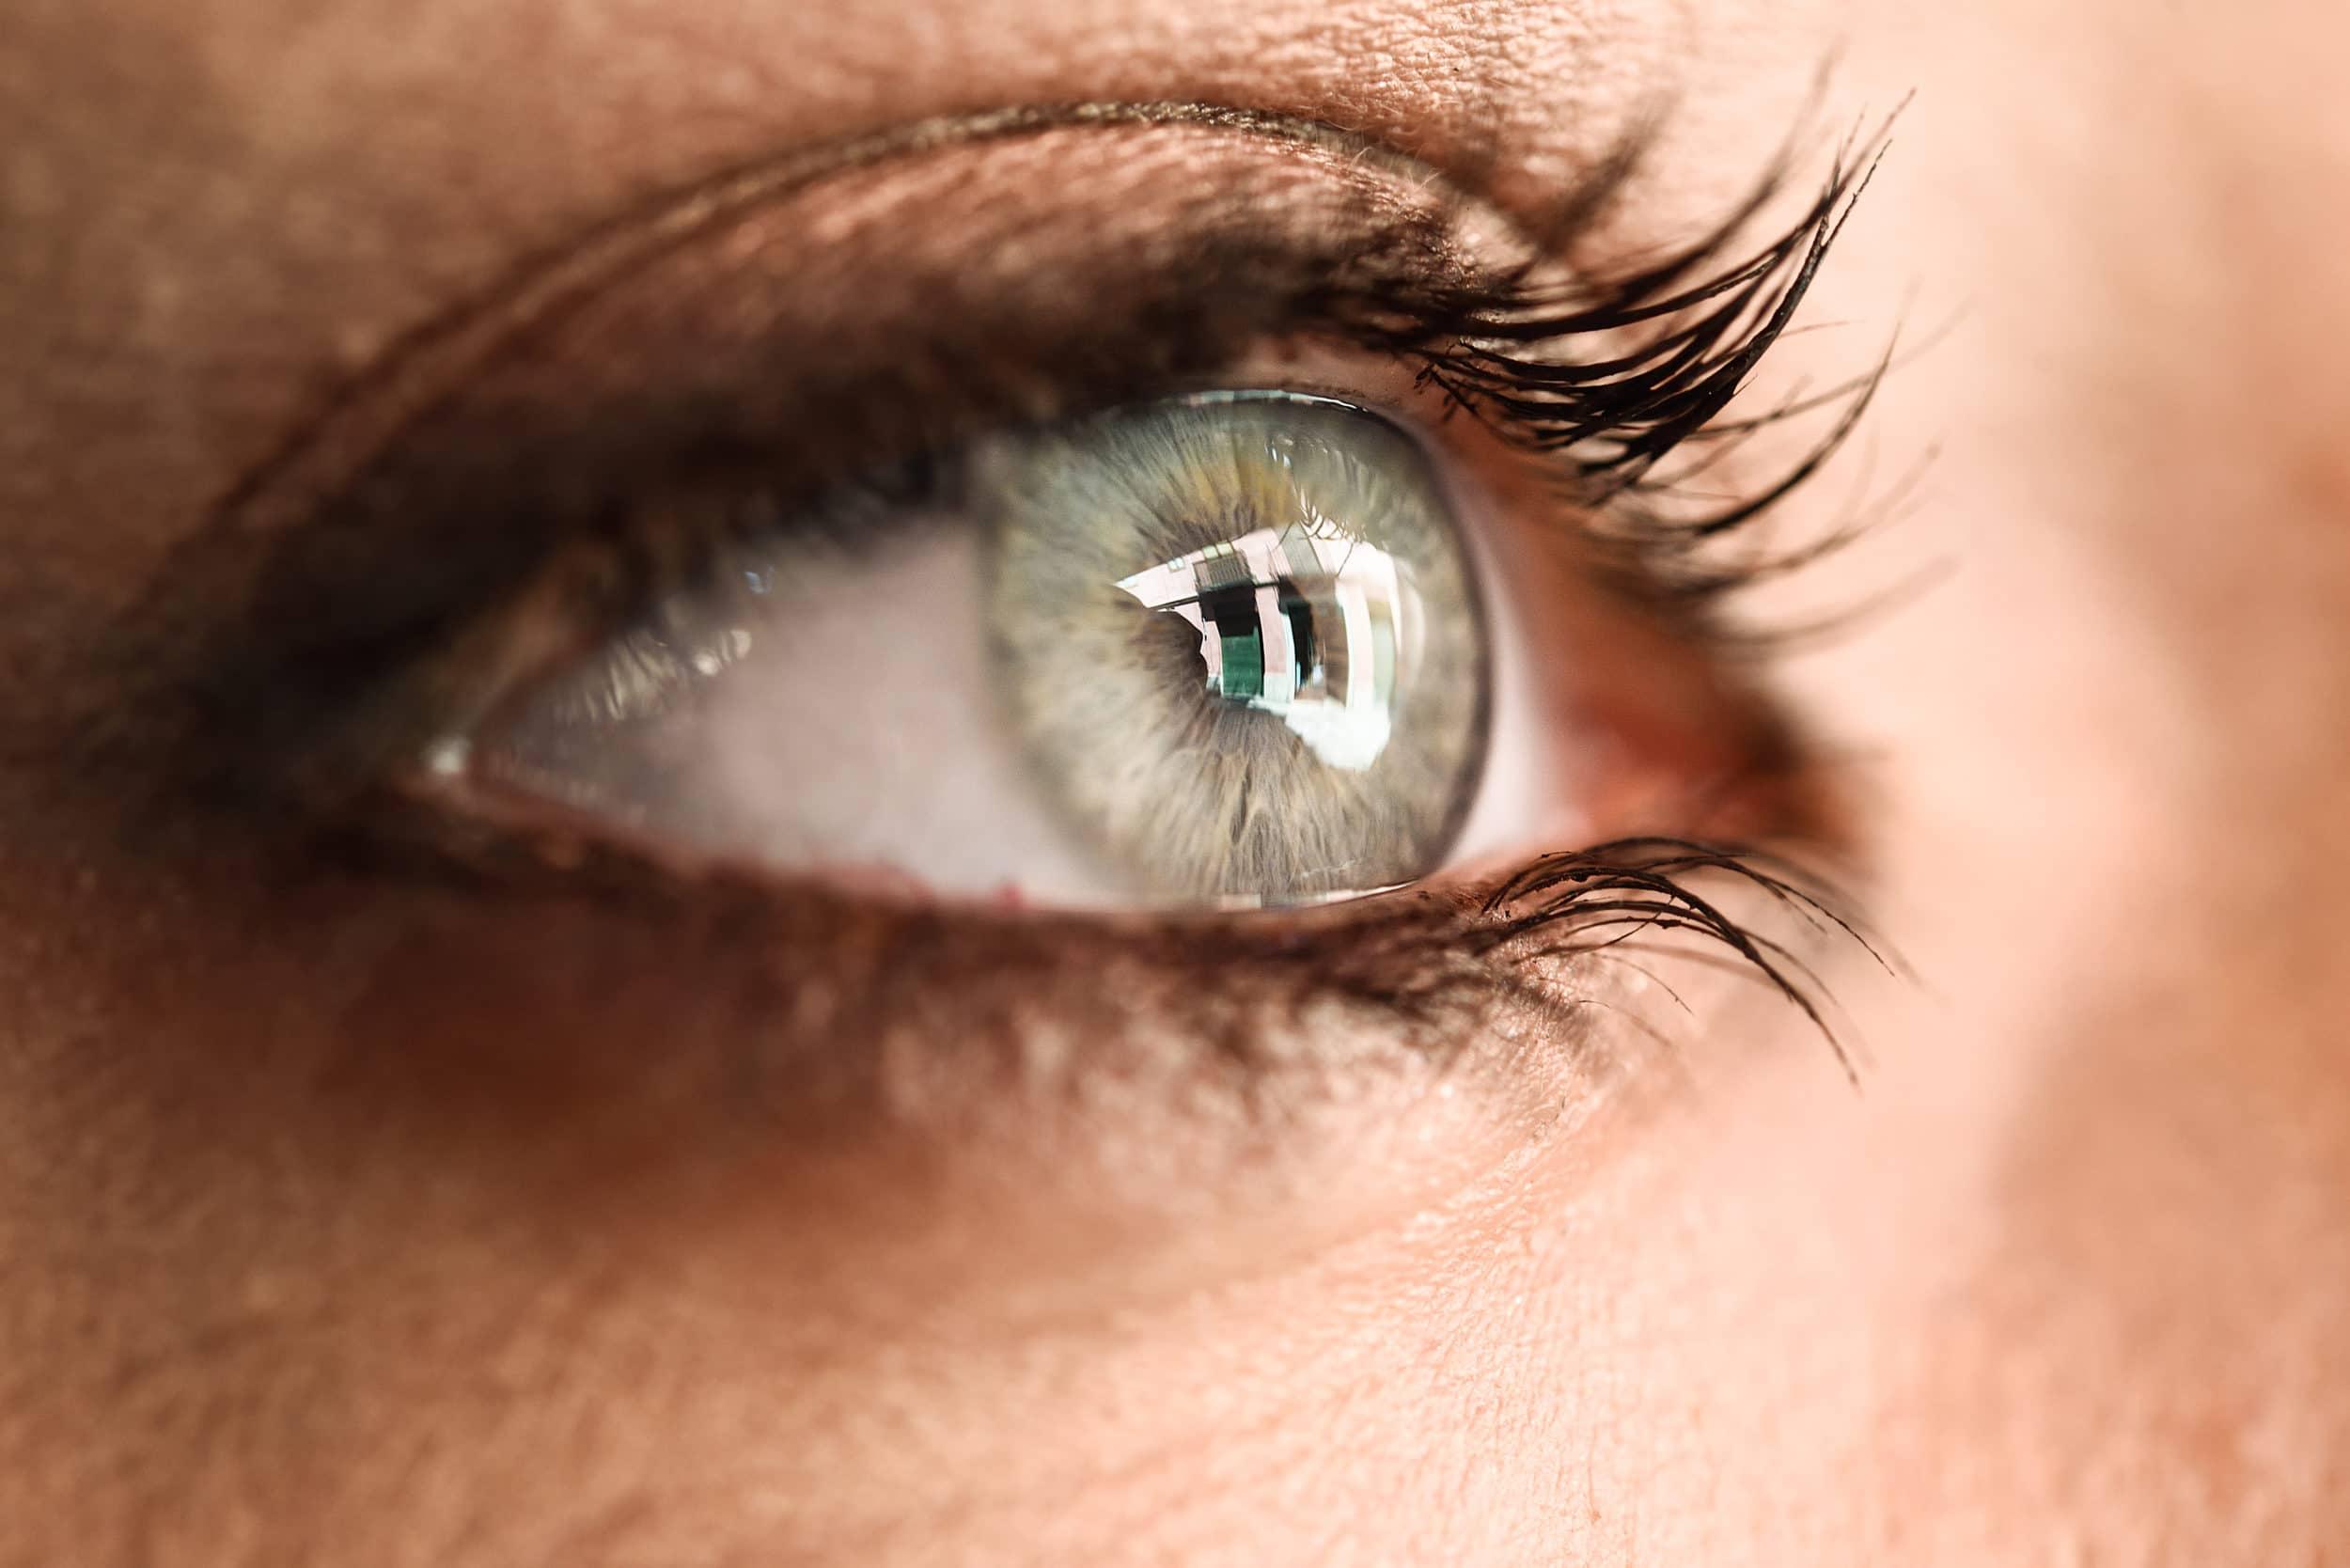 pestañas de un ojo azul de mujer